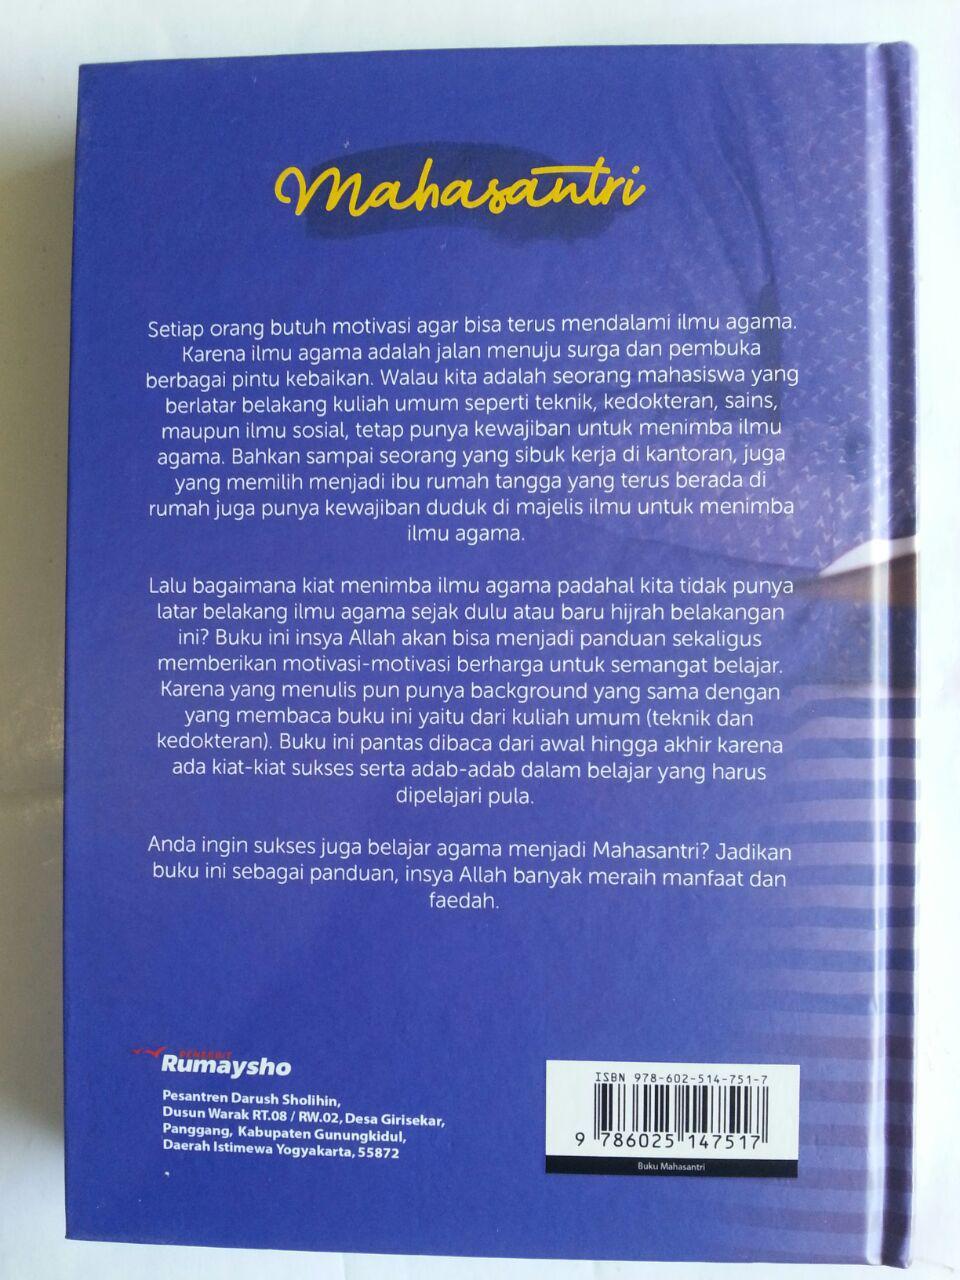 Buku Mahasantri Panduan Siswa Sukses Juga Belajar Agama cover